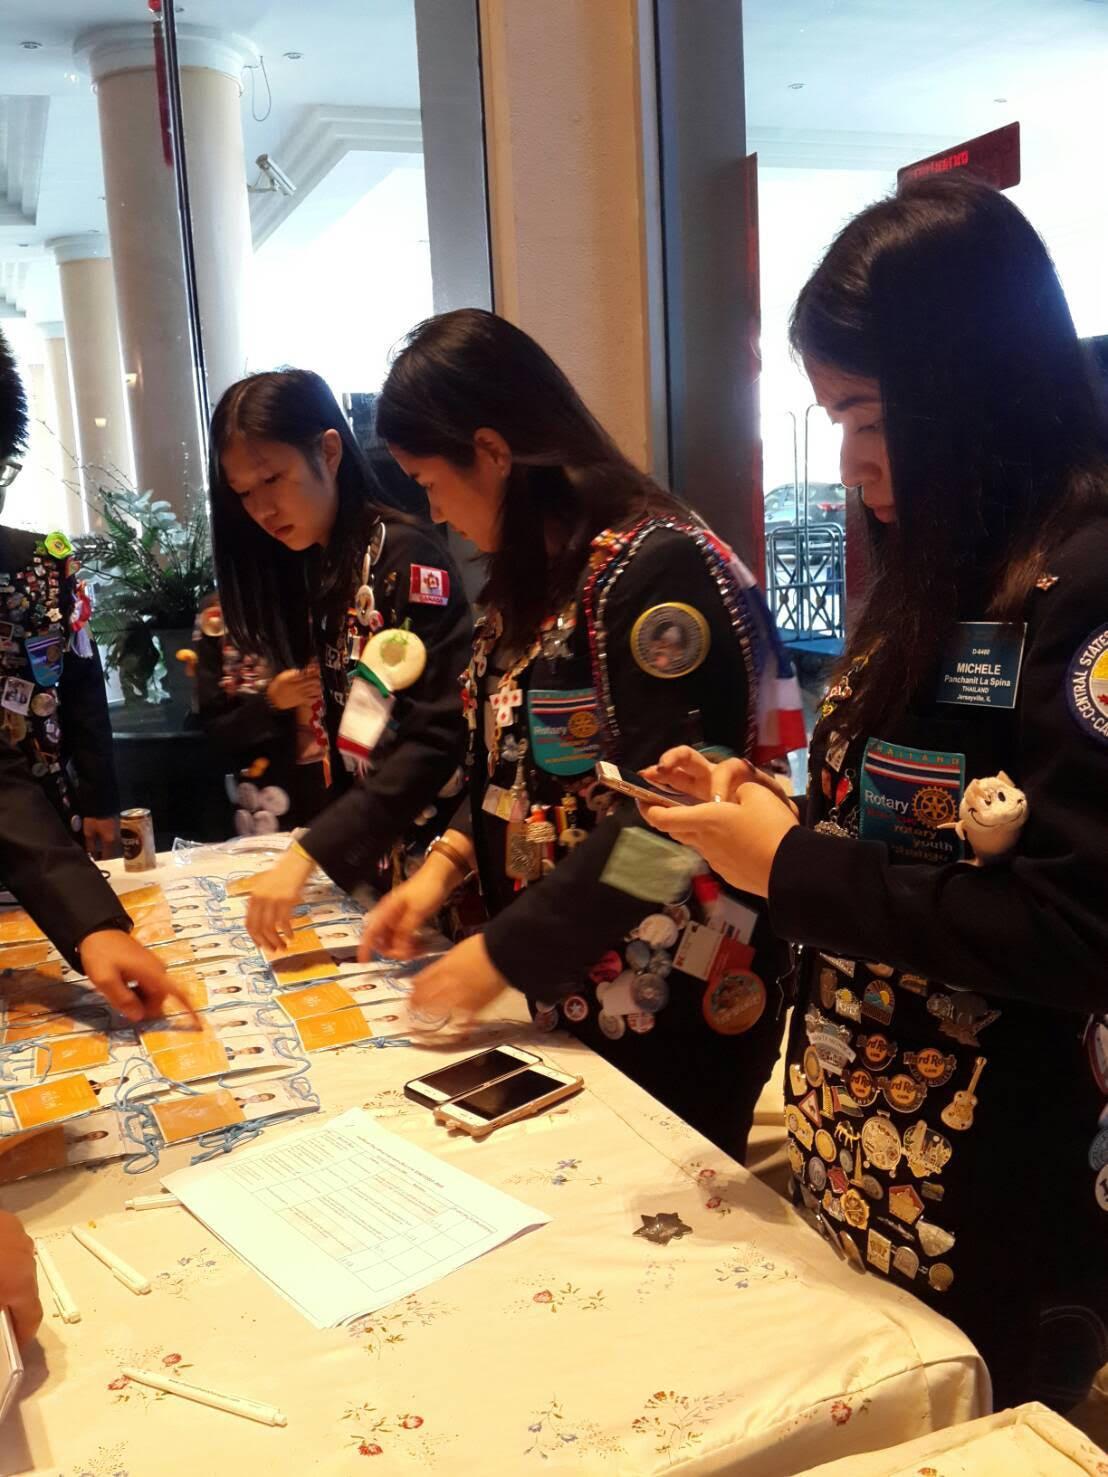 โครงการสอบคัดเลือกนักเรียนแลกเปลี่ยนโรตารีสากล ภาค 3340 ในวันที่ 11 – 13 พฤศจิกายน ณ โรงแรมเจริญธานี ขอนแก่น